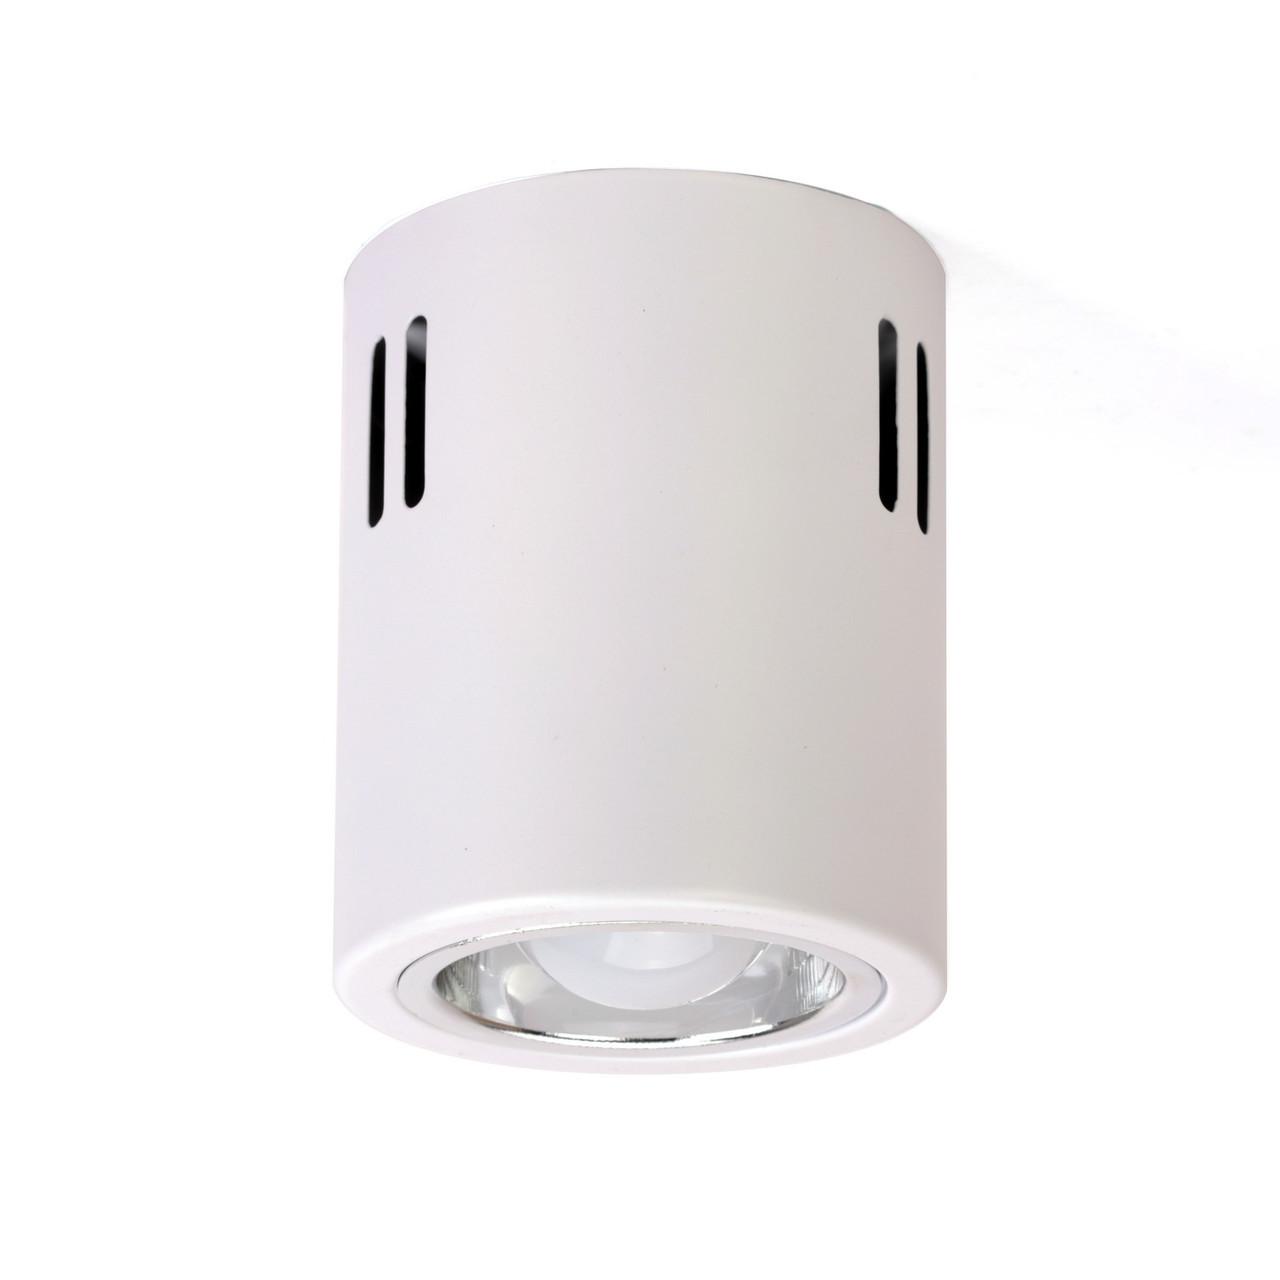 Накладной светодиодный светильник LD-7W LED  E27(в комплекте), потолочный цилиндр, белый